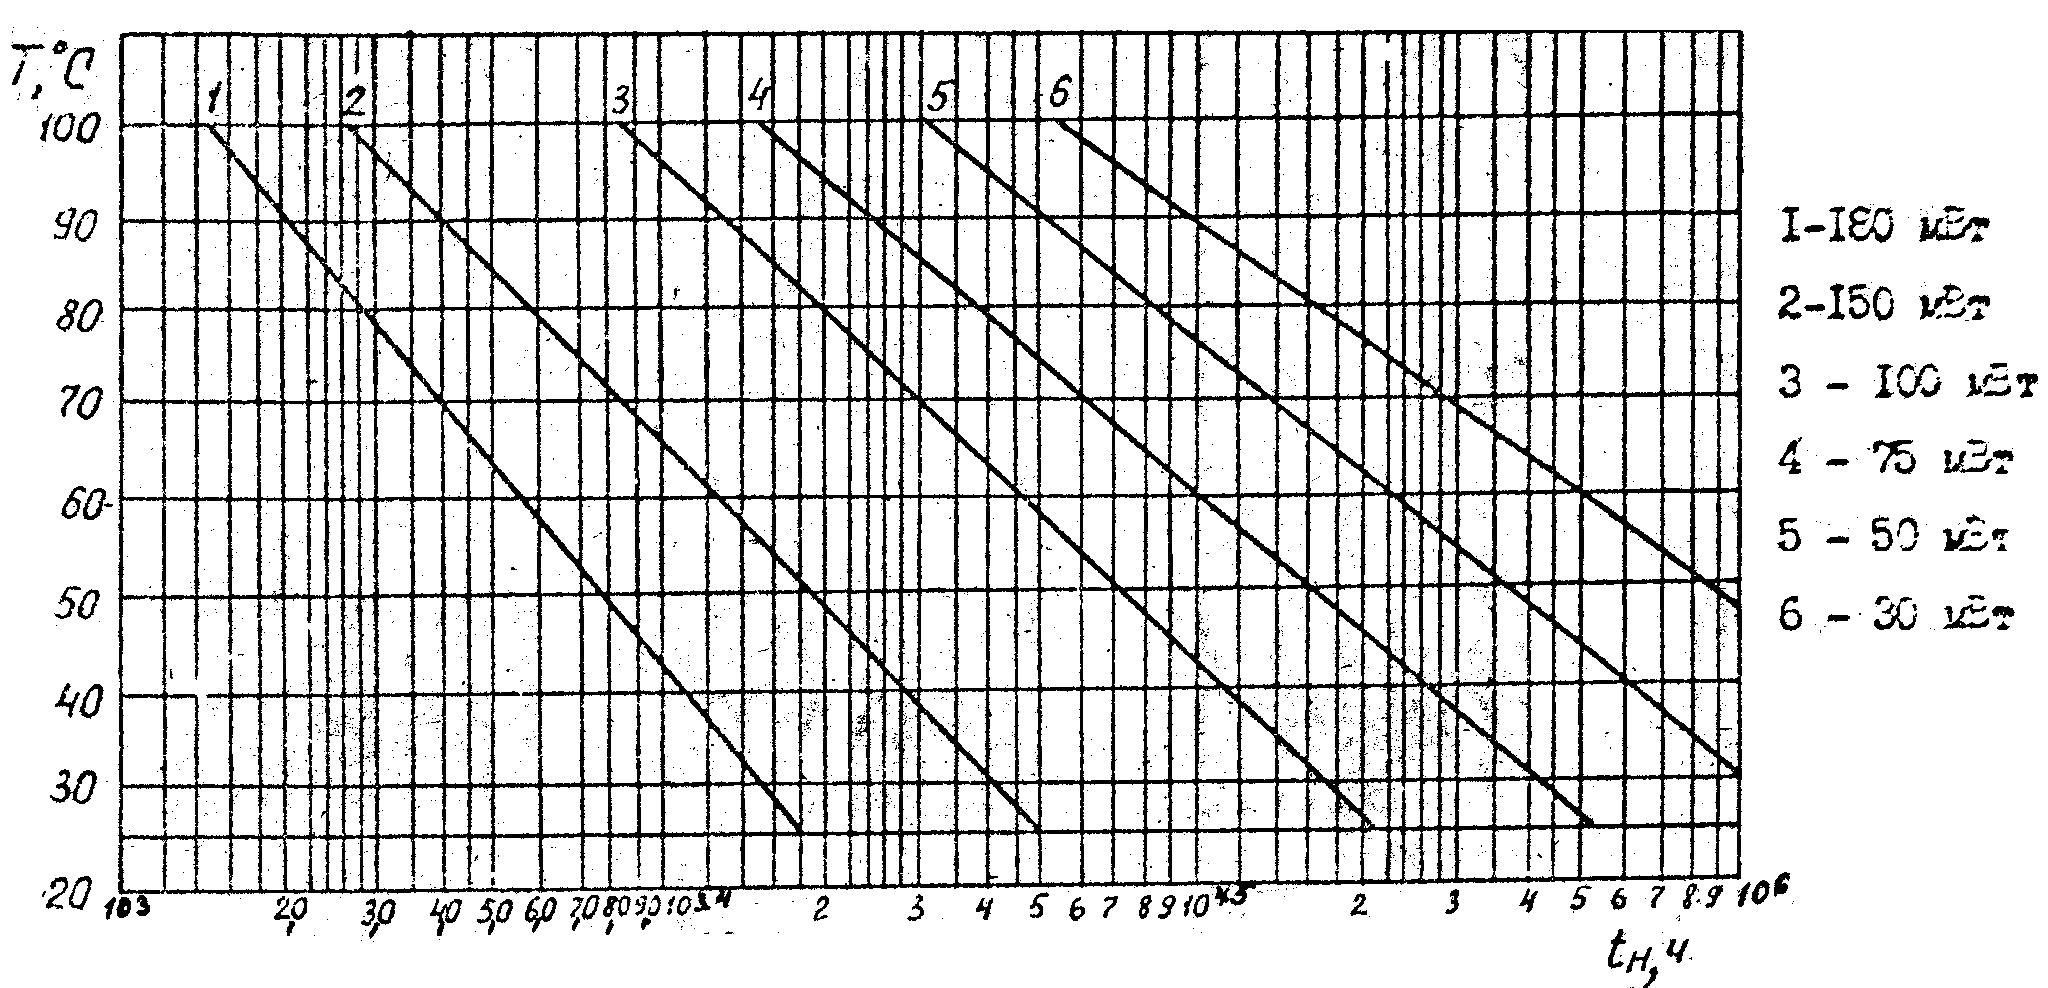 Зависимость минимальной наработки от режима эксплуатации при токе коллектора 12 мА